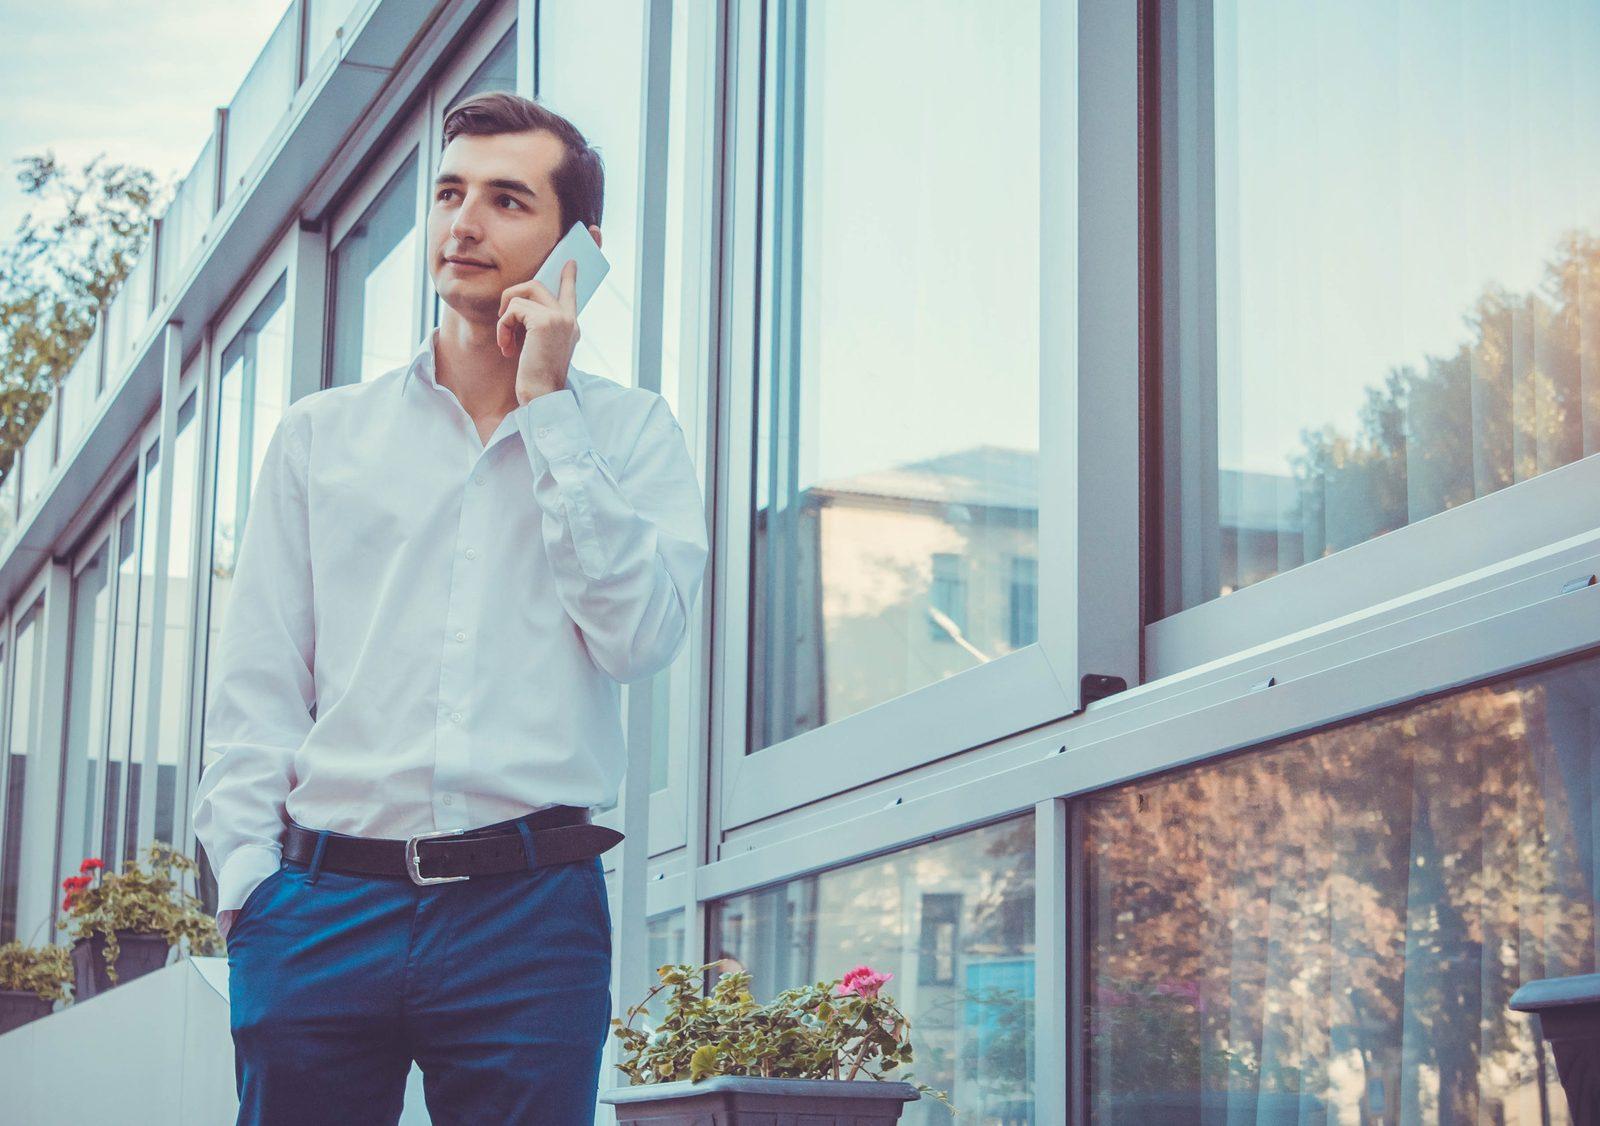 脈ありorなし?40代からの恋愛攻略法「経営者な男」の傾向と対策